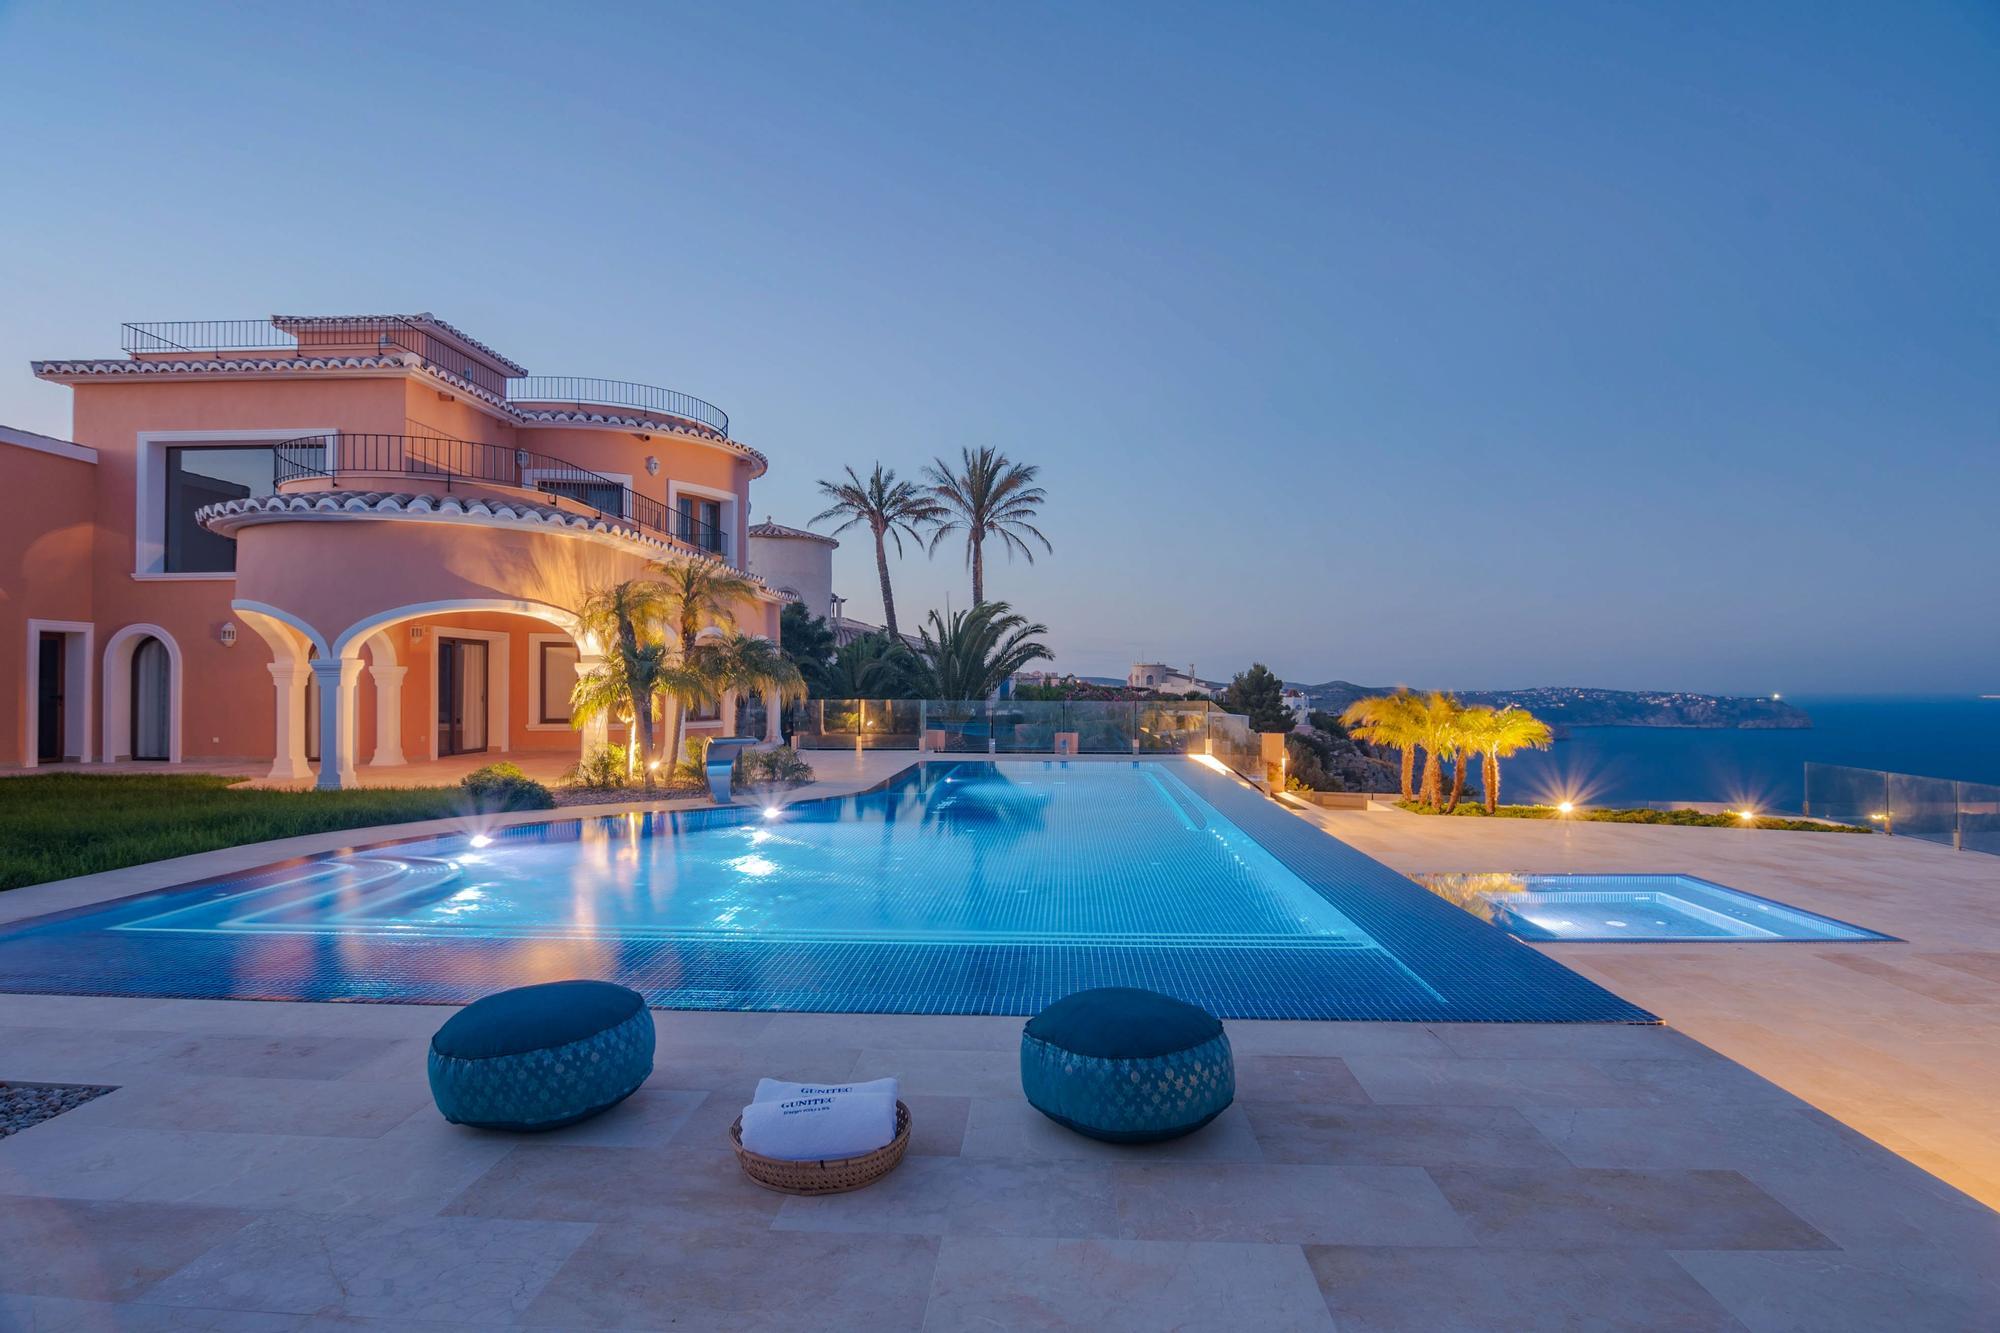 Una empresa valenciana recibe un premio europeo de diseño por sus piscinas